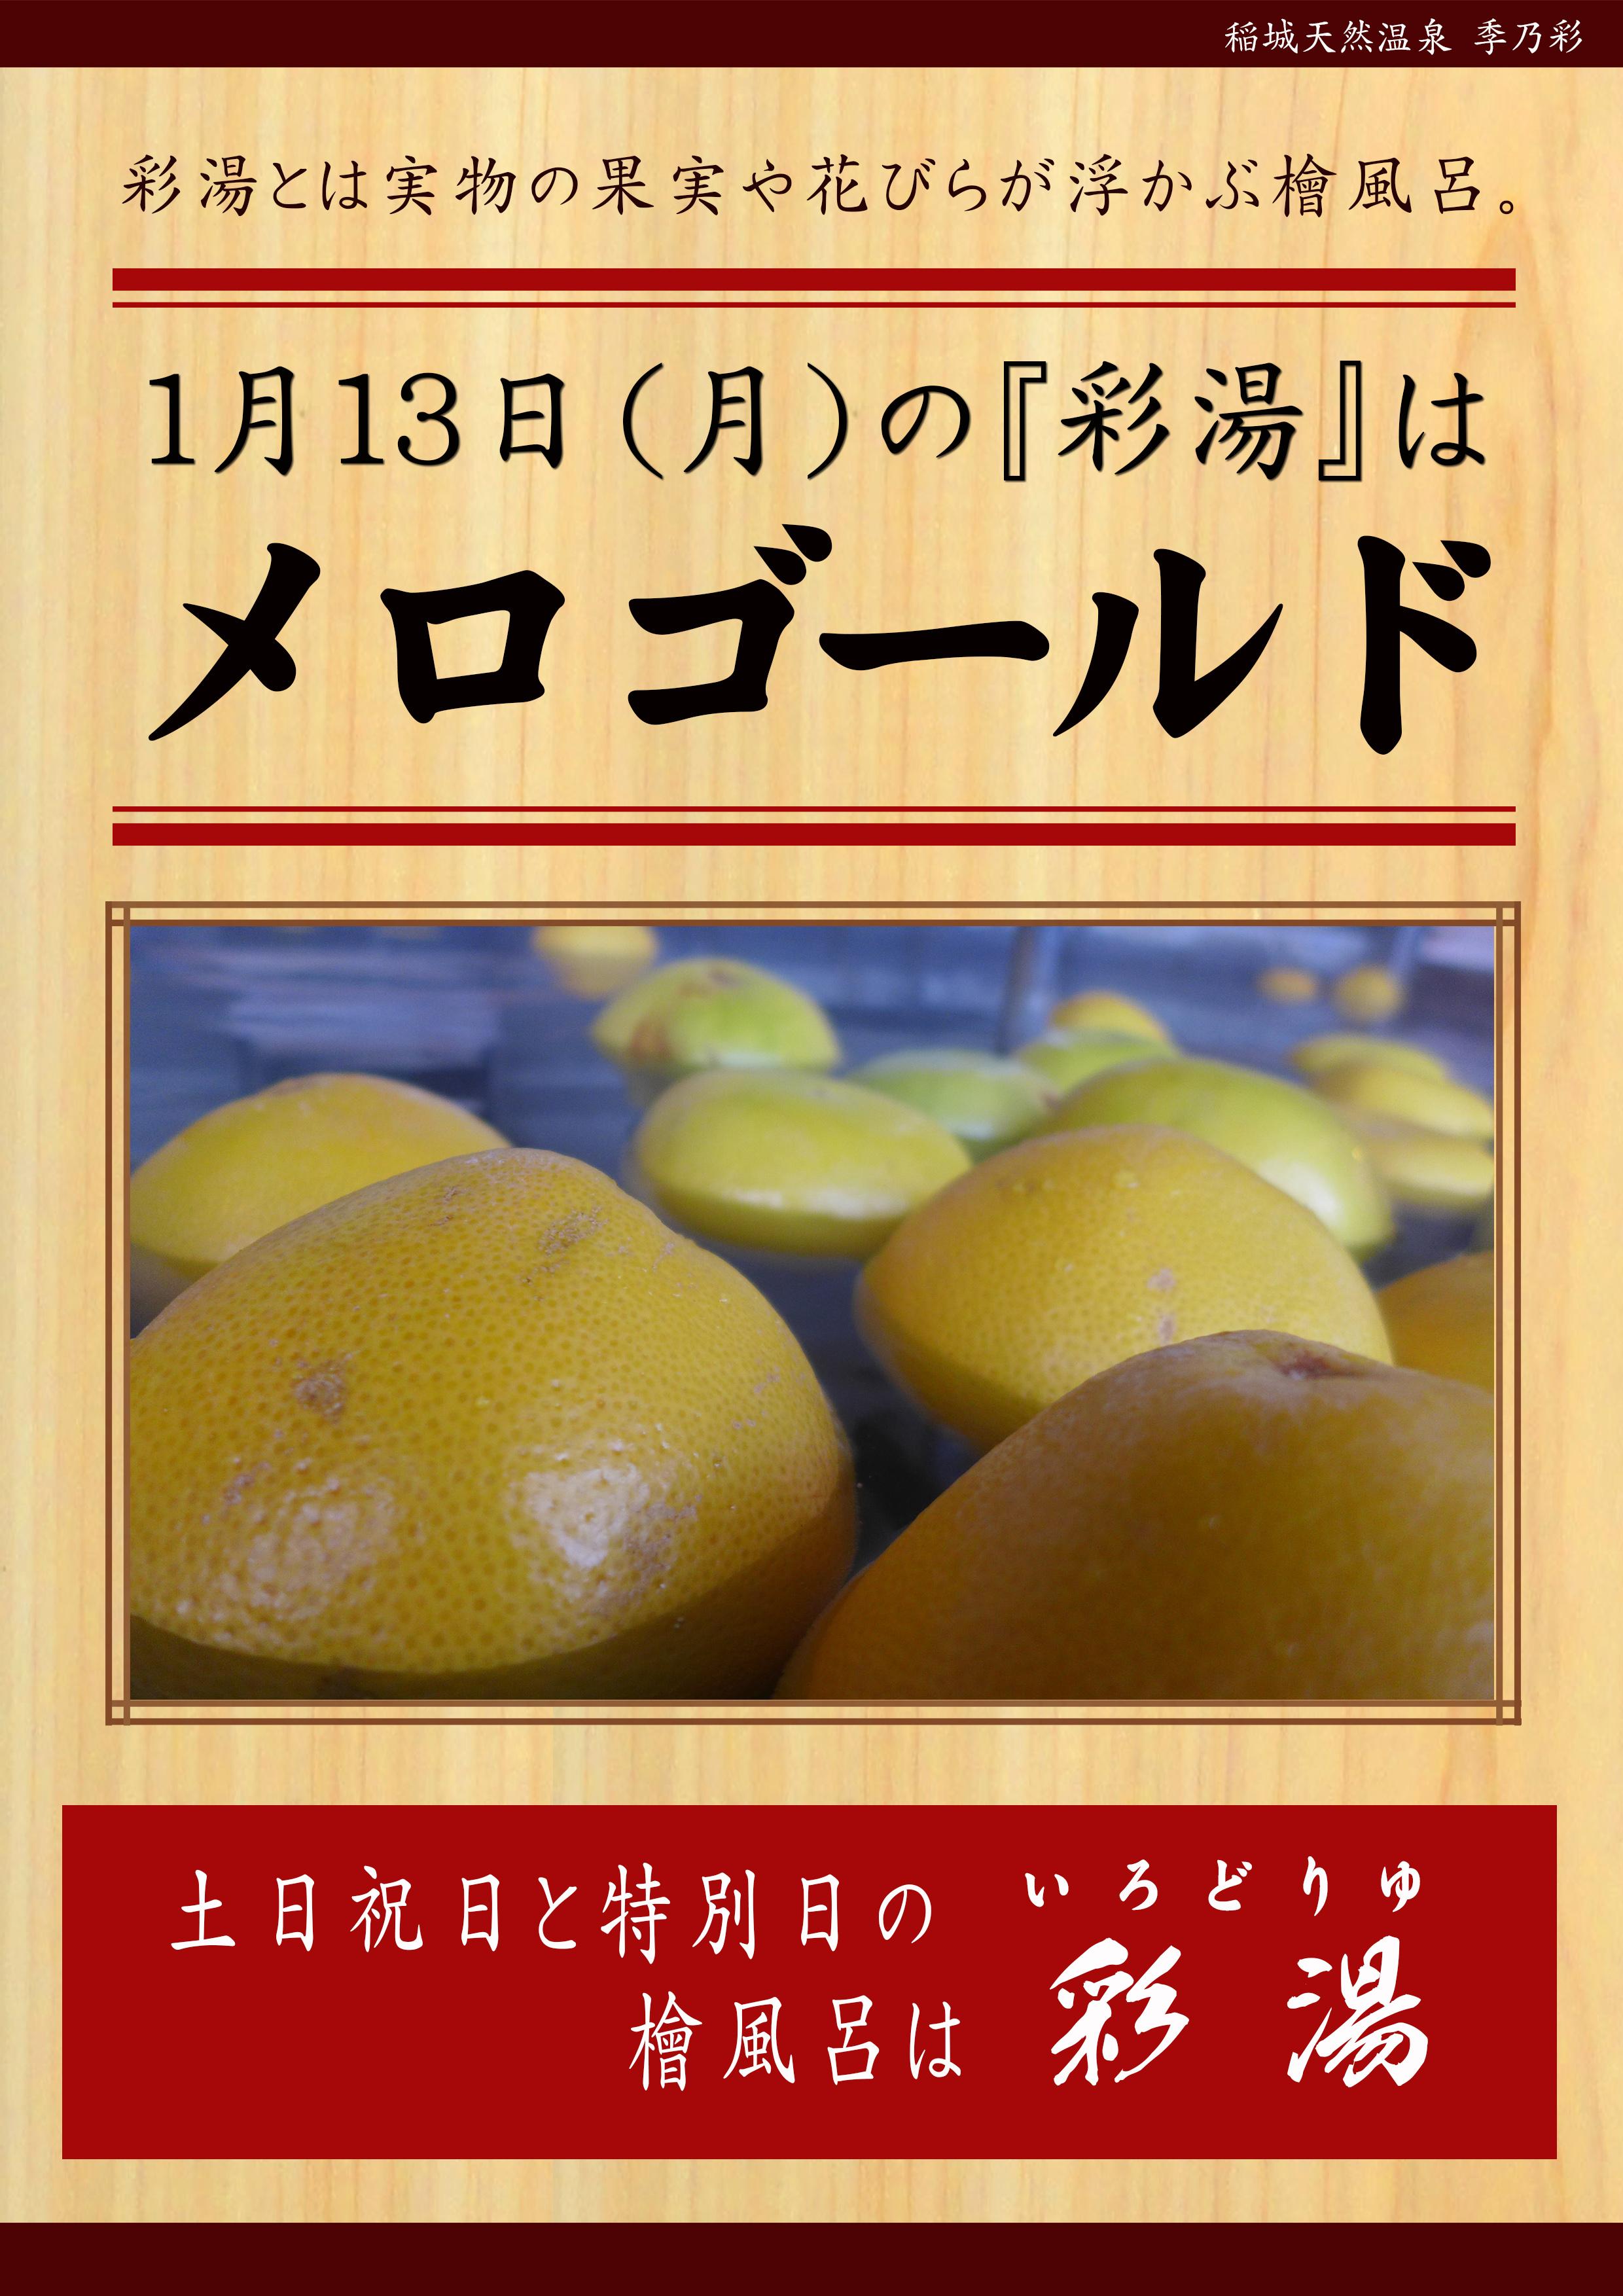 20200113 POP イベント 彩湯 メロゴールド